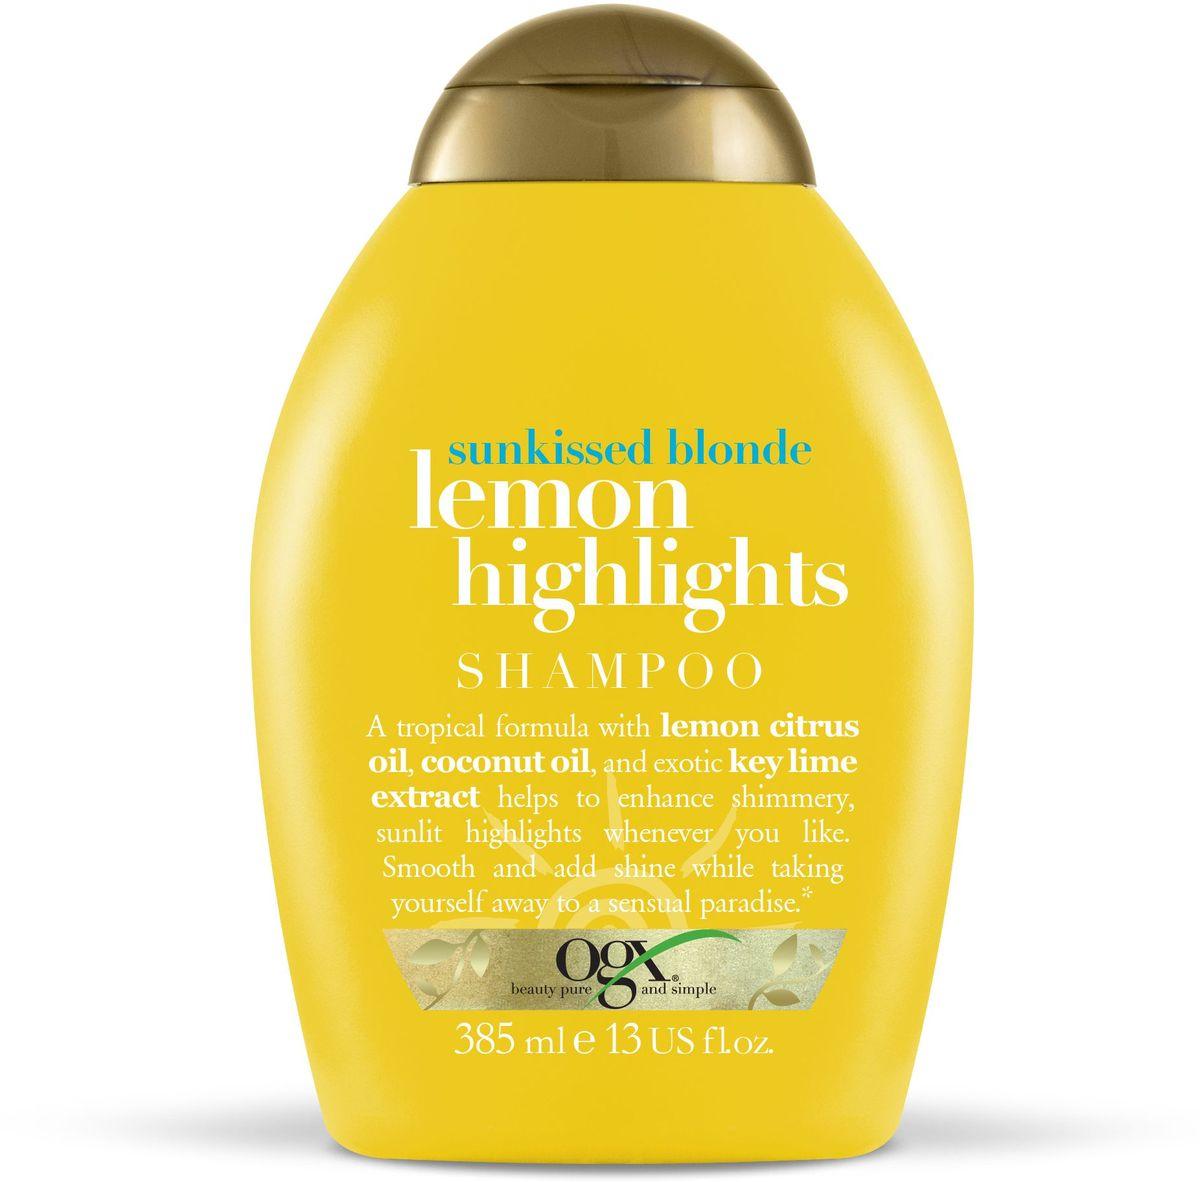 OGX Шампунь для сияния цвета с экстрактом лимона Солнечный блонд, 385 мл.97441Шампунь для сияния цвета с экстрактом лимона – увлажняет и сохраняет влагу изнутри, борется с пушением. Делают цвет более ярким и сияющим. Наполняют волосы силой и жизненной энергией